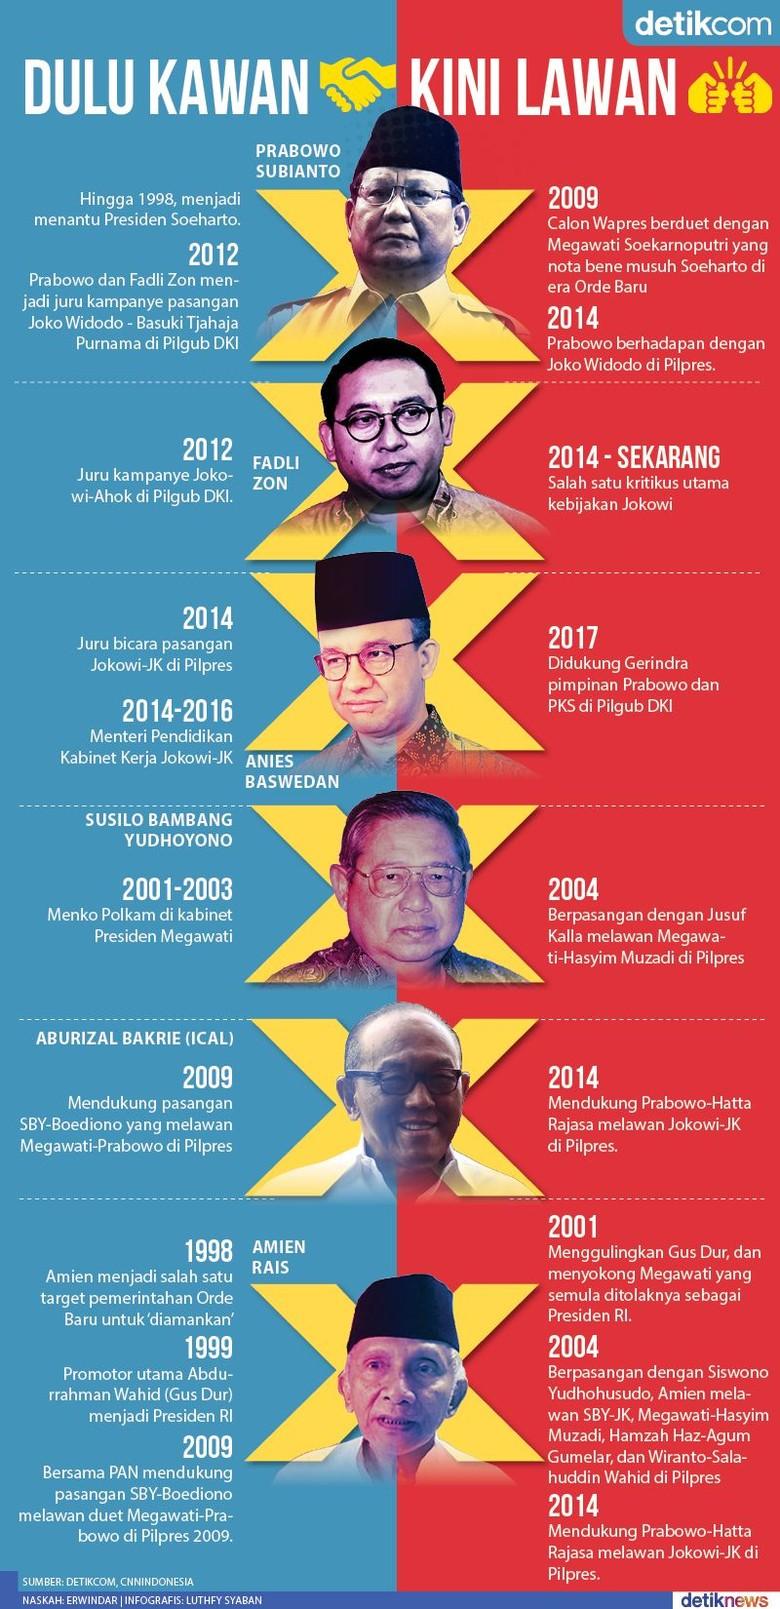 Kisah Unik Perpolitikan Indonesia: Dulu Kawan, Kini Lawan